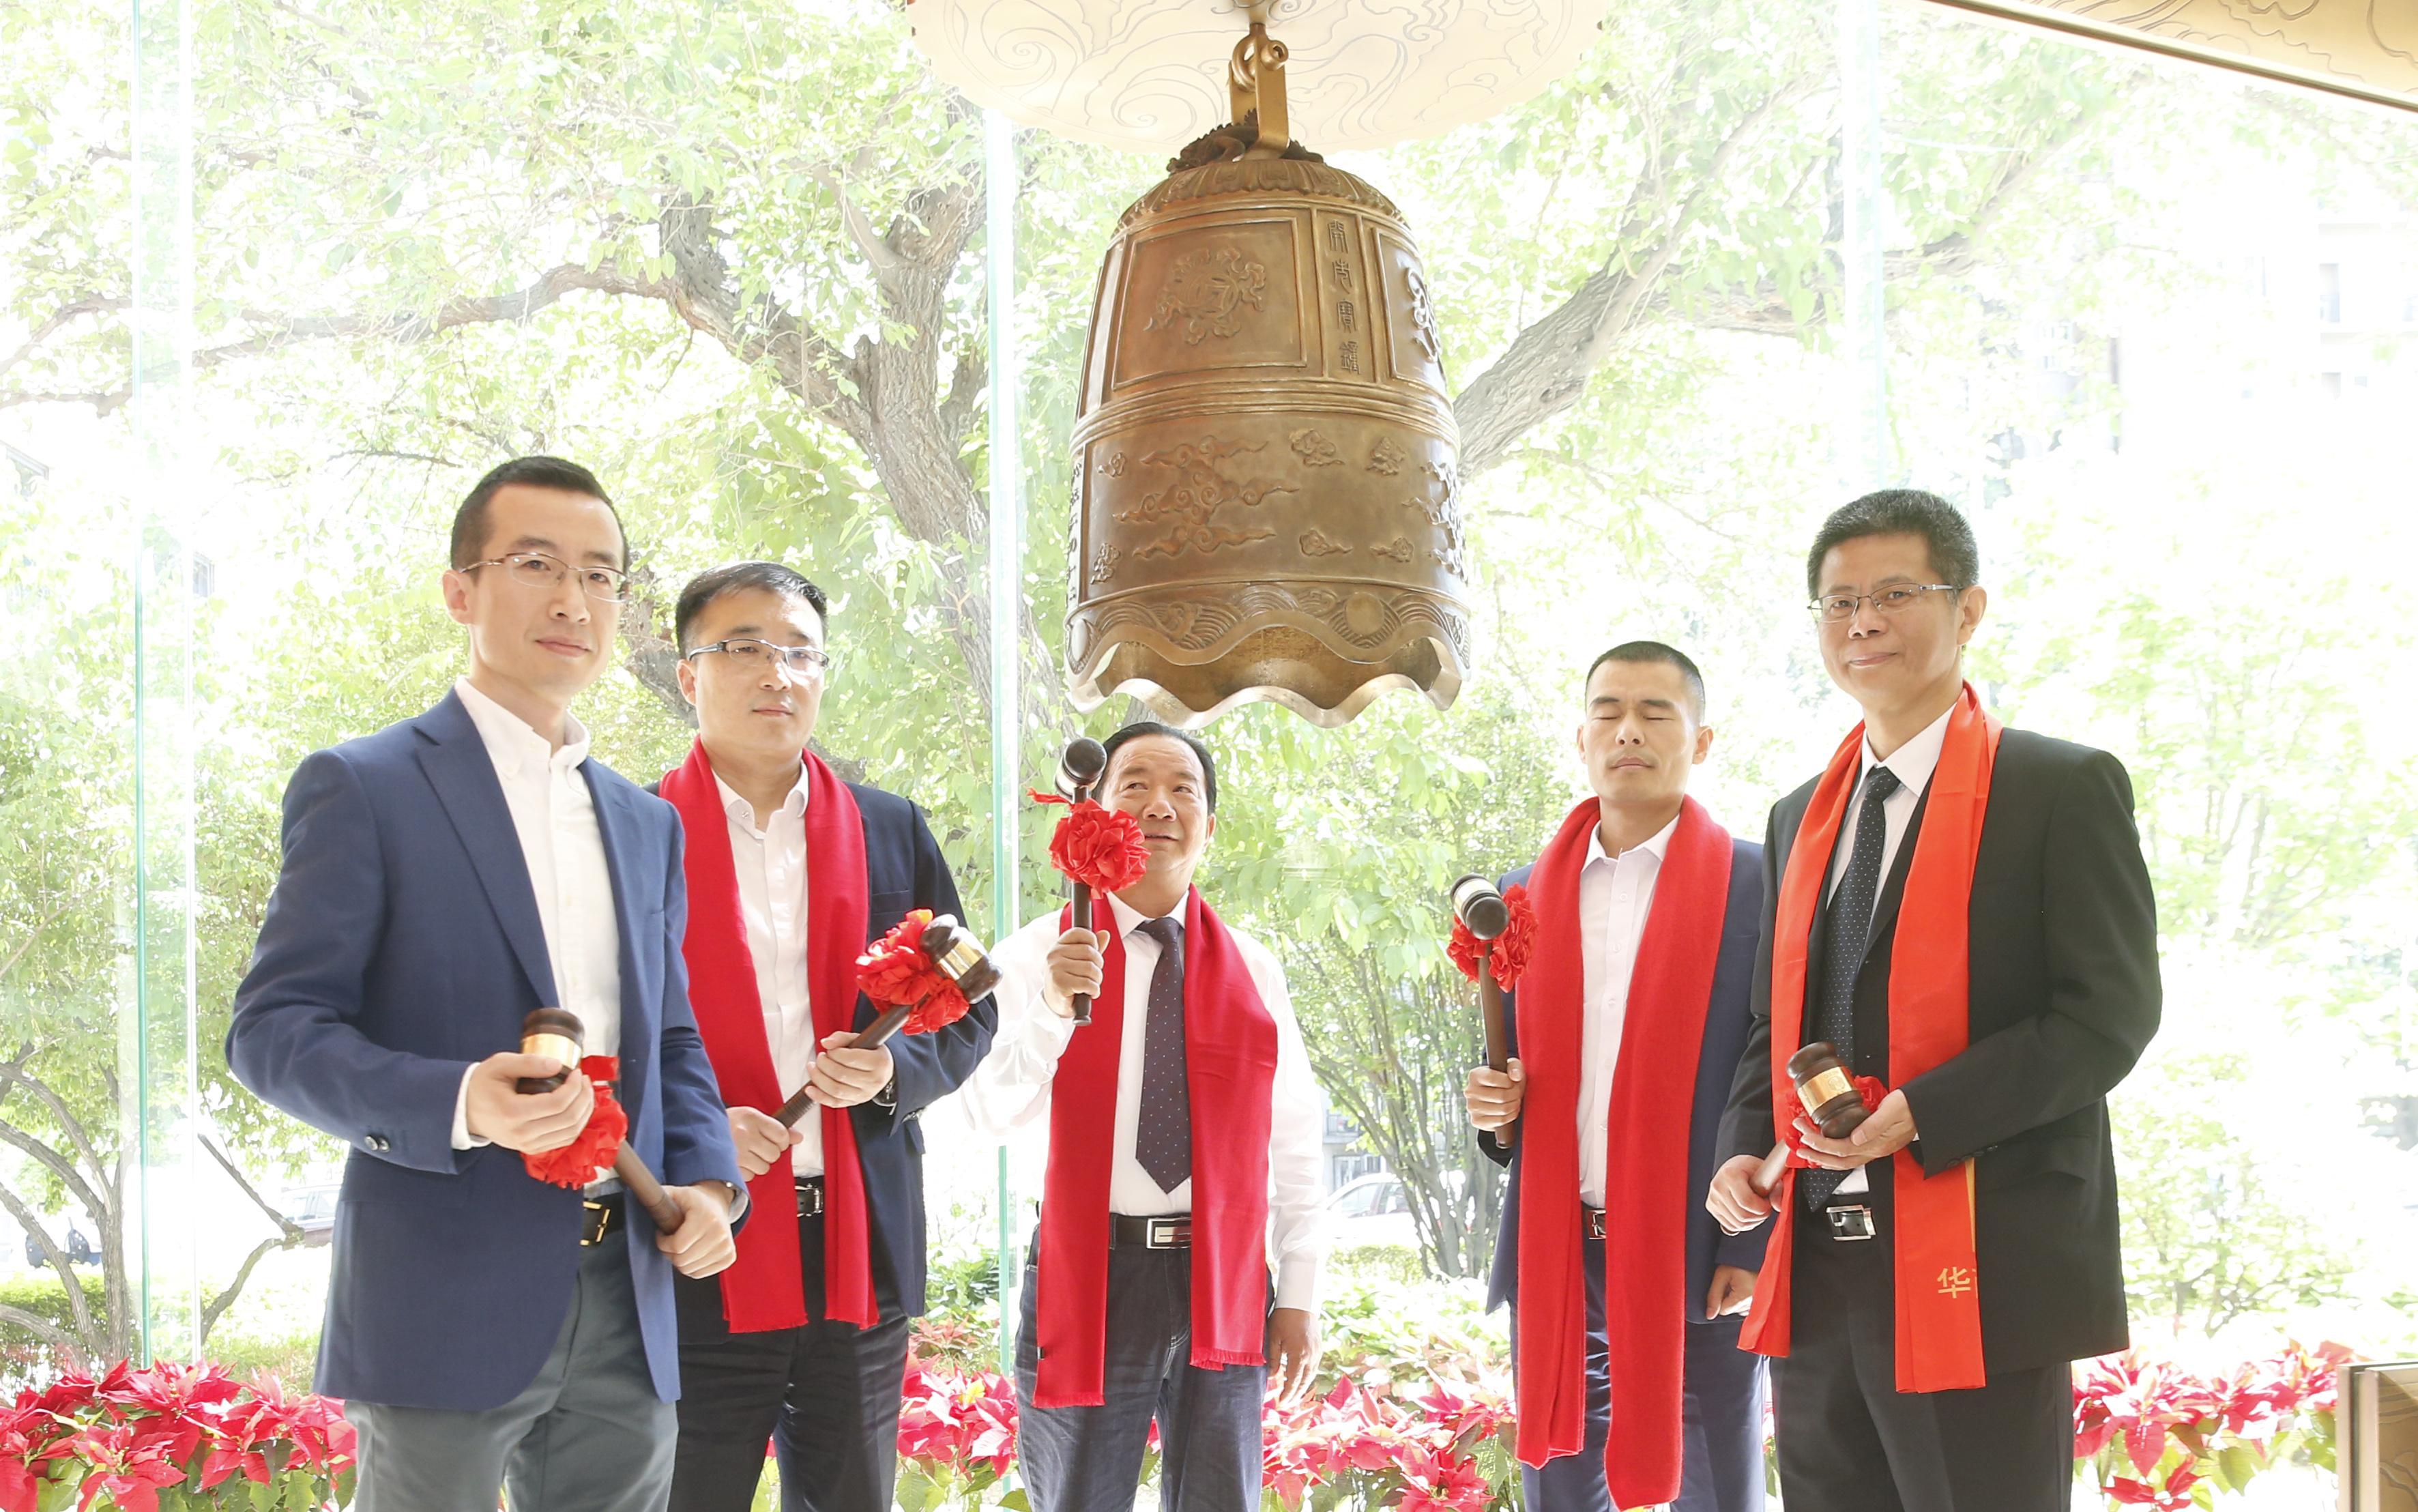 上海水威环境技术股份有限公司挂牌敲钟仪式